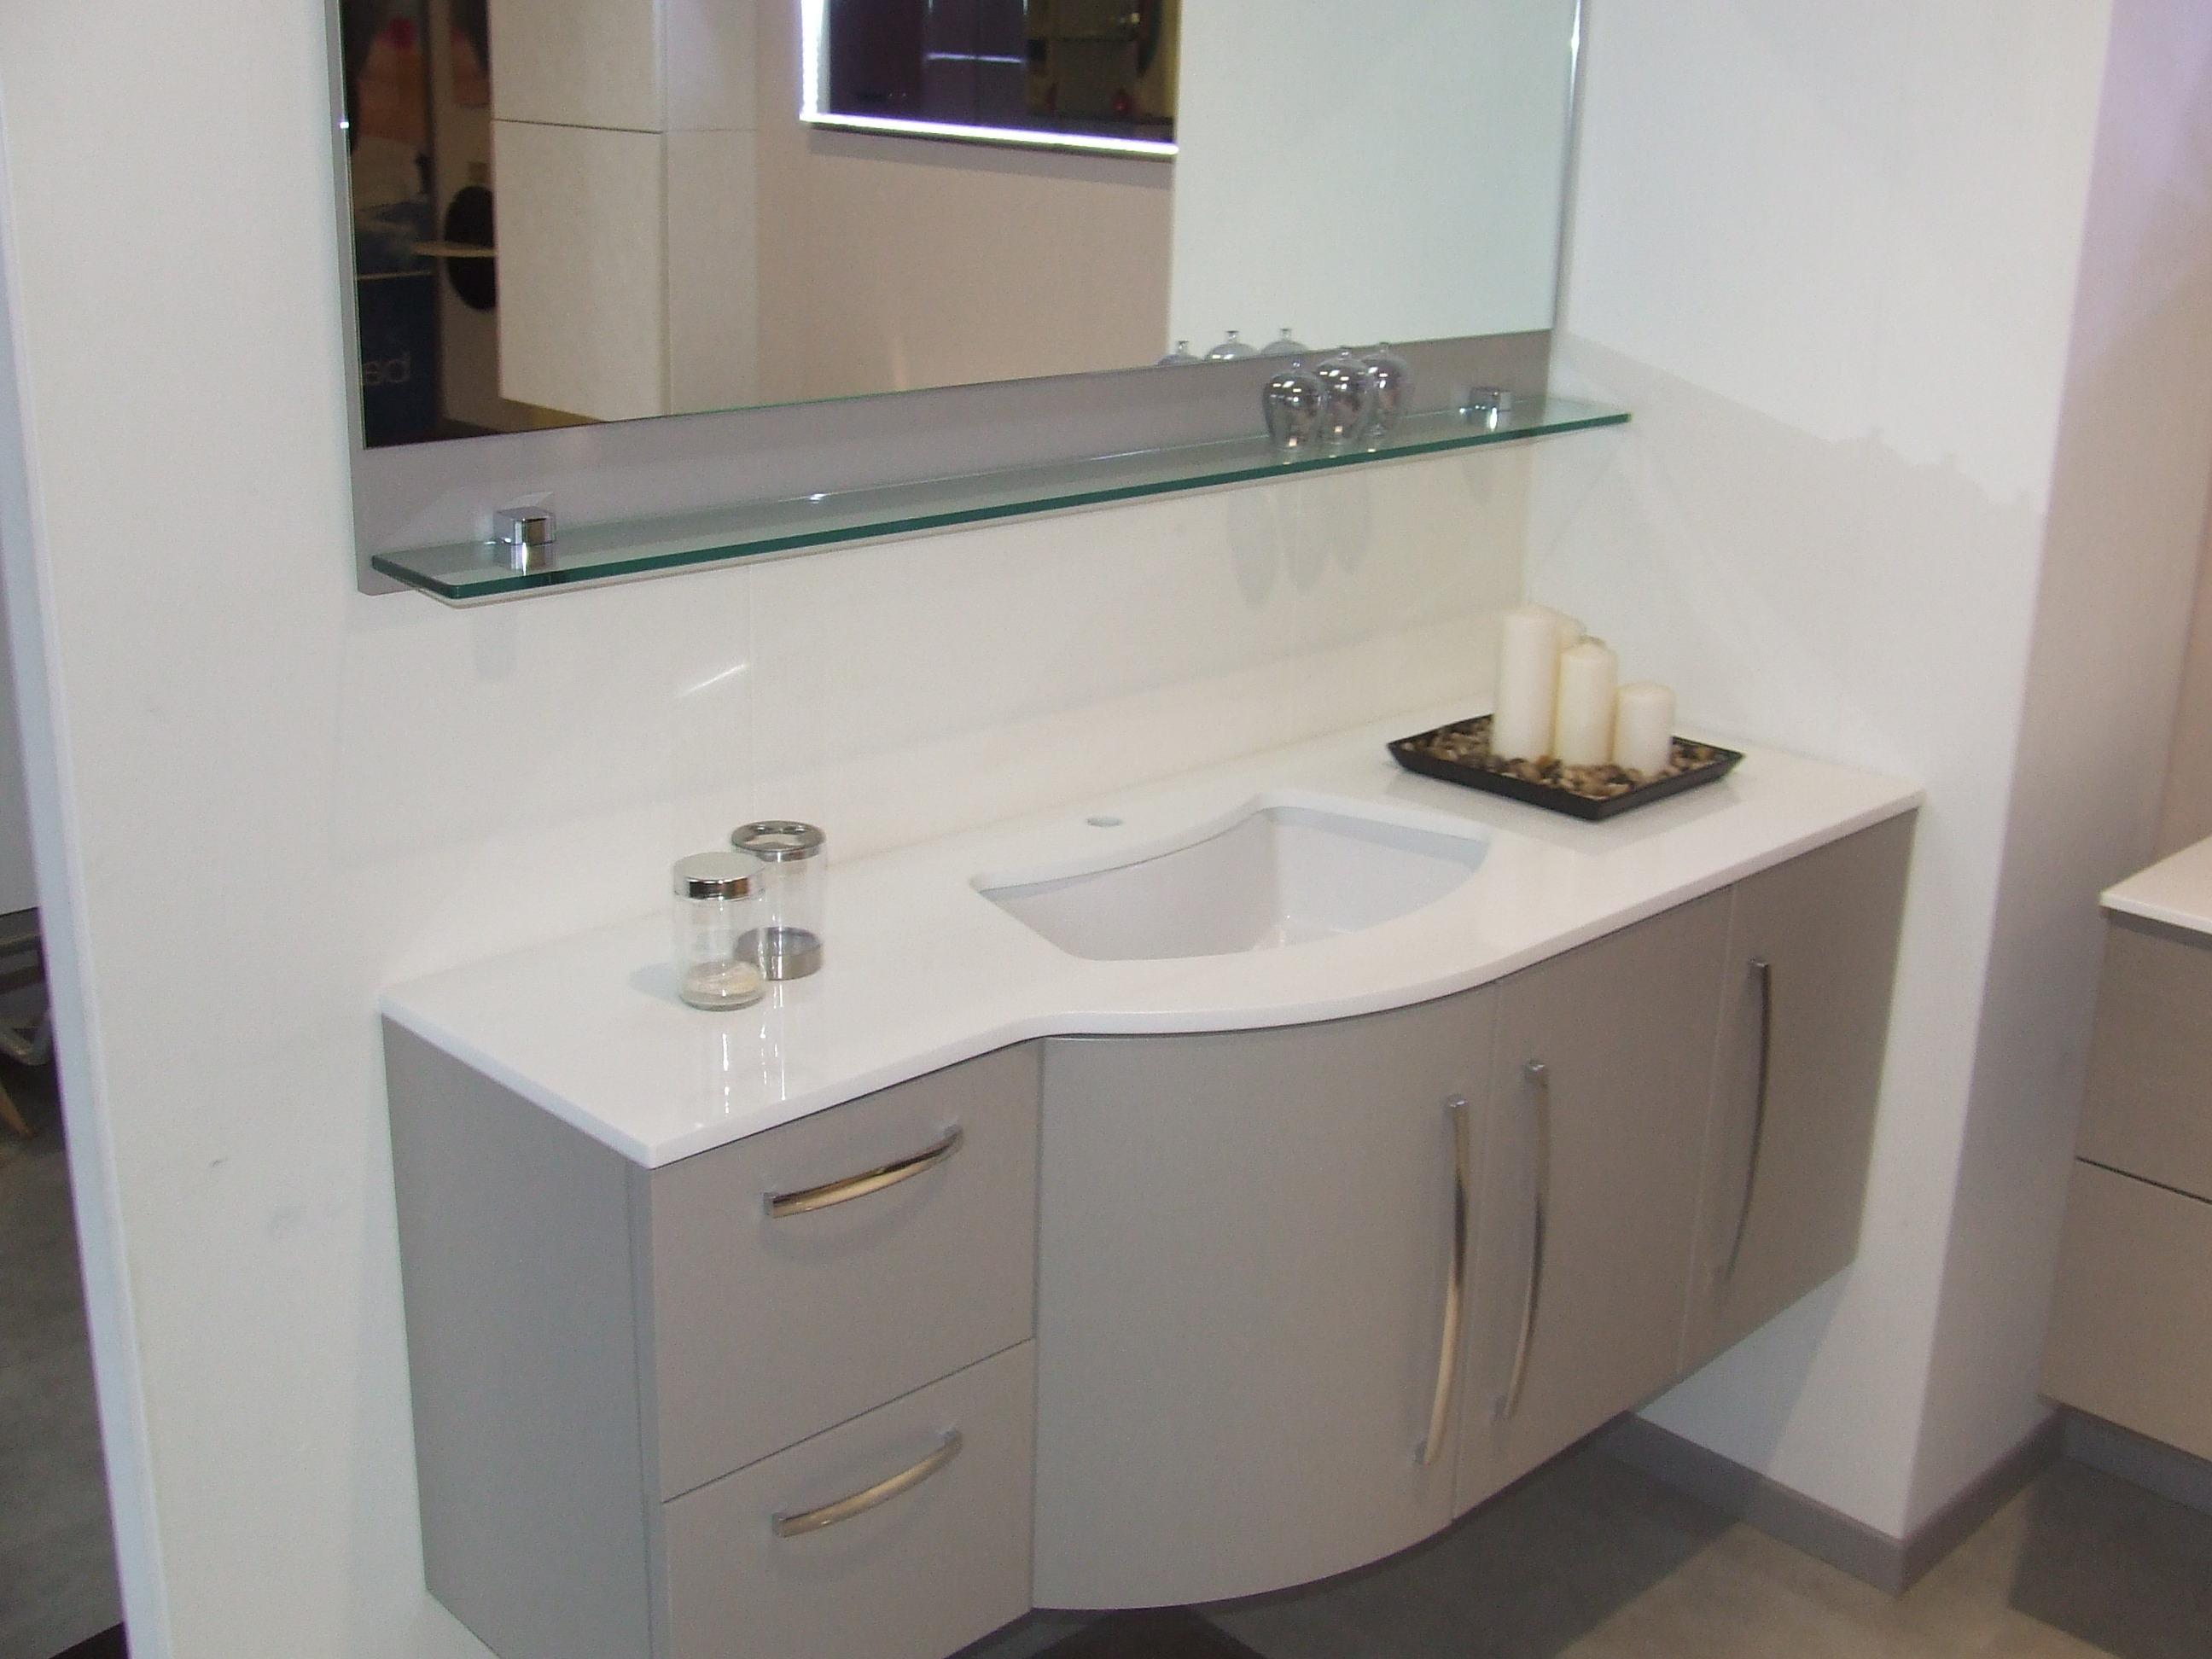 Mobiletti per bagni cheap mobiletti per il bagno with mobiletti per bagni venduto mobiletto - Mobiletti per bagno mondo convenienza ...